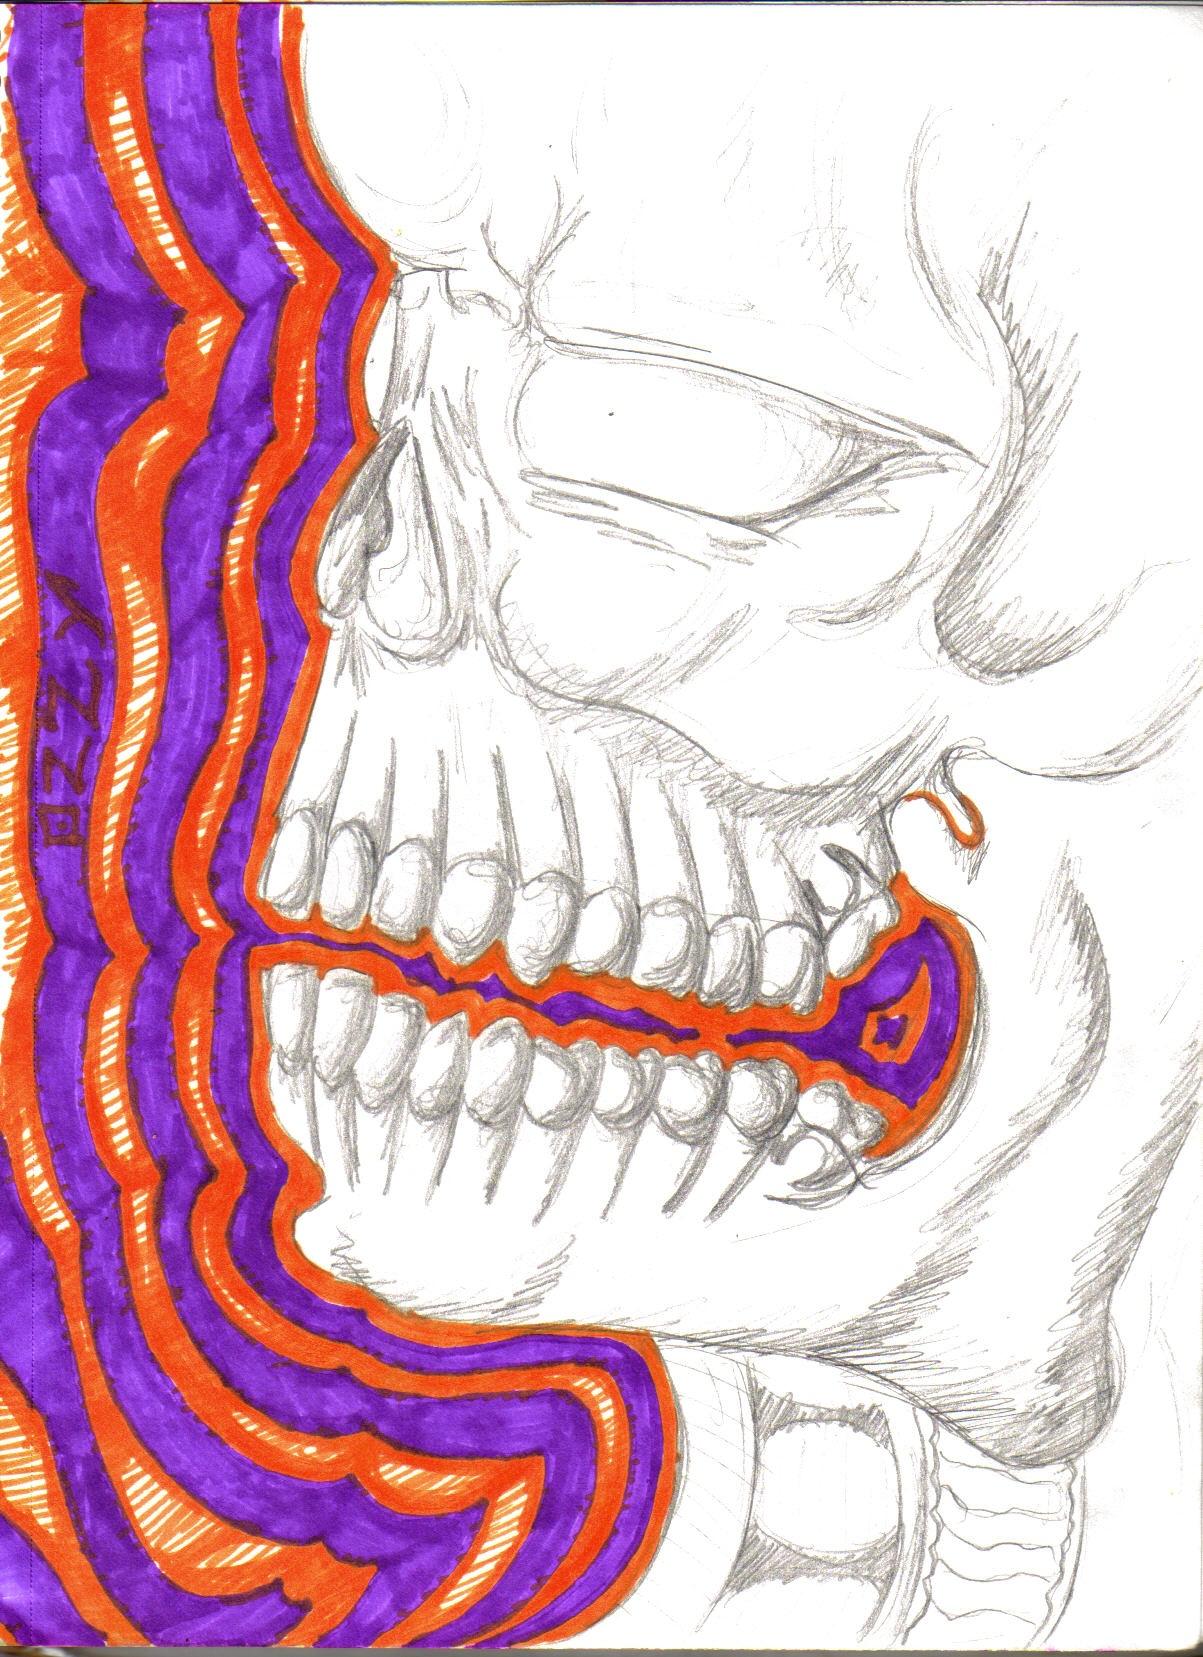 skull muncher